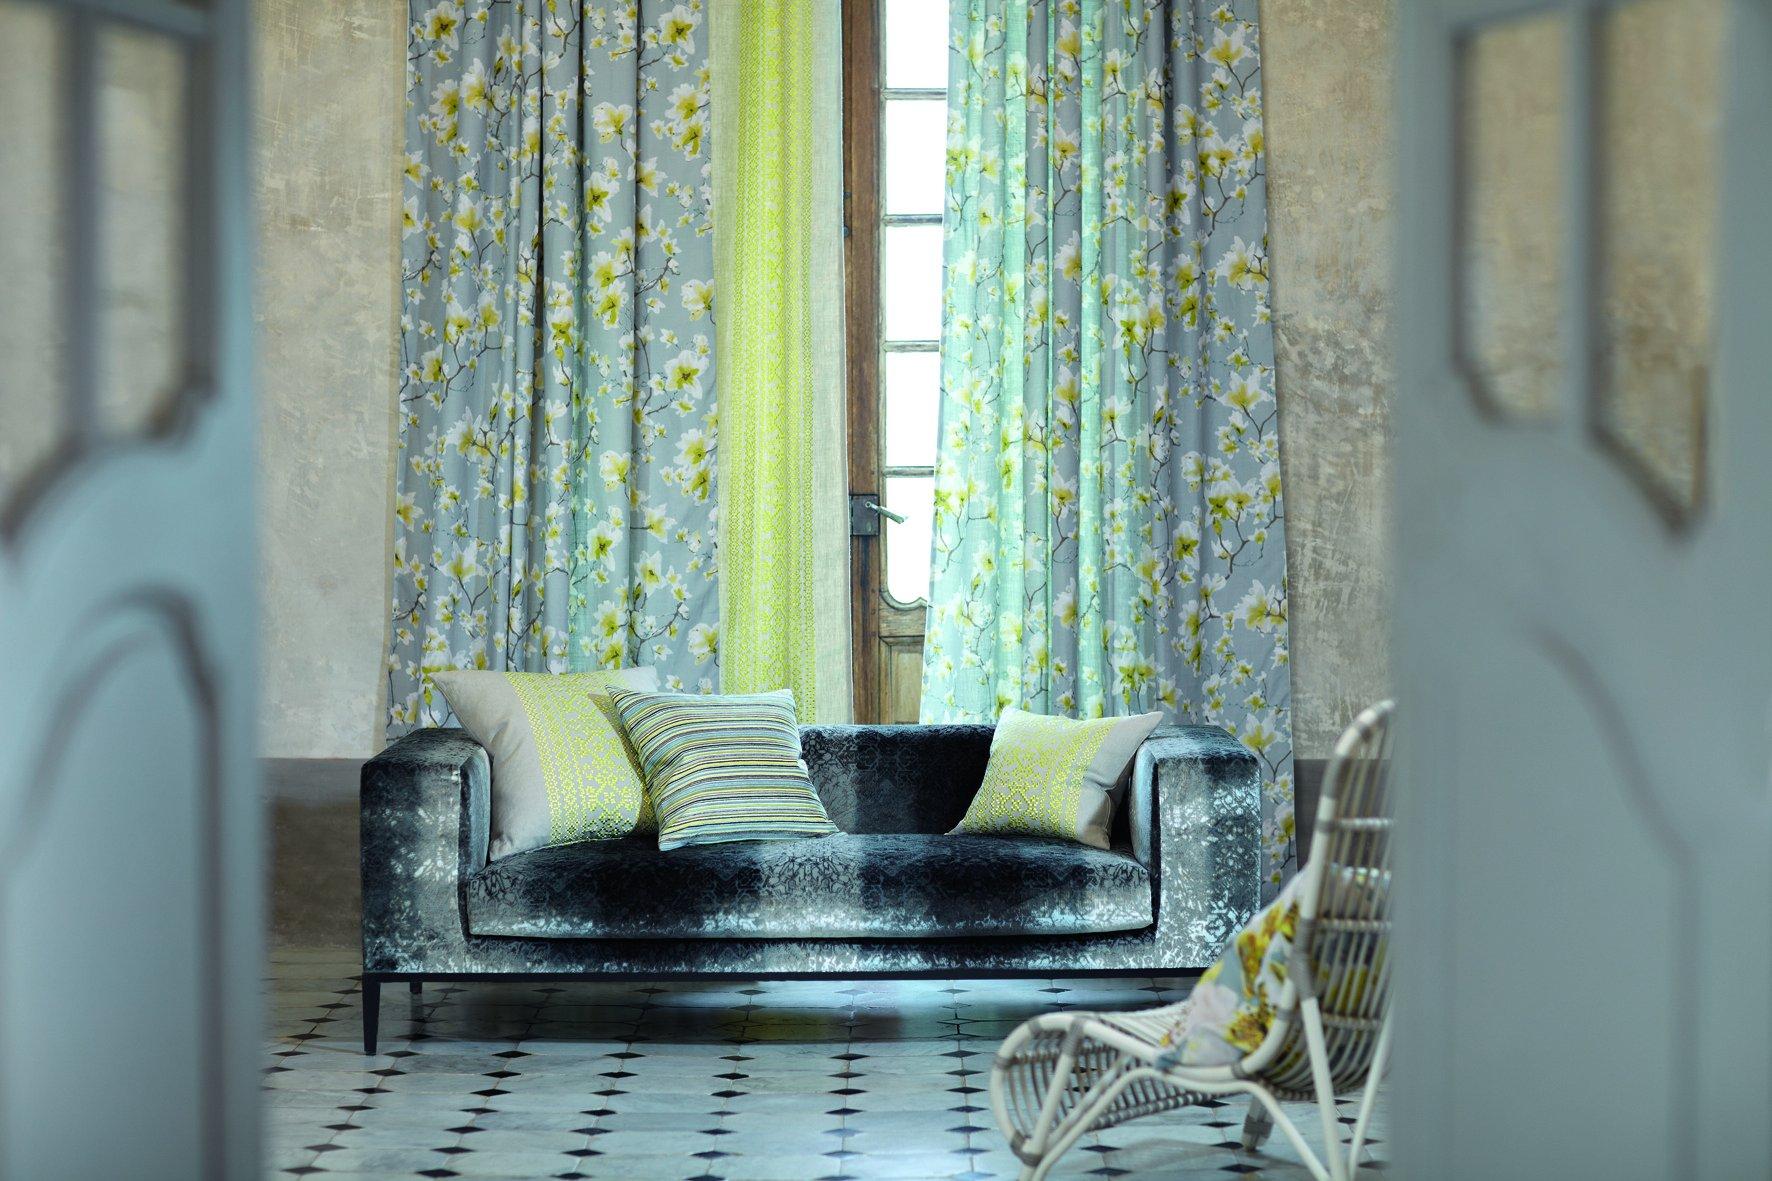 Black Edition - Estuco Interiors - Marbella